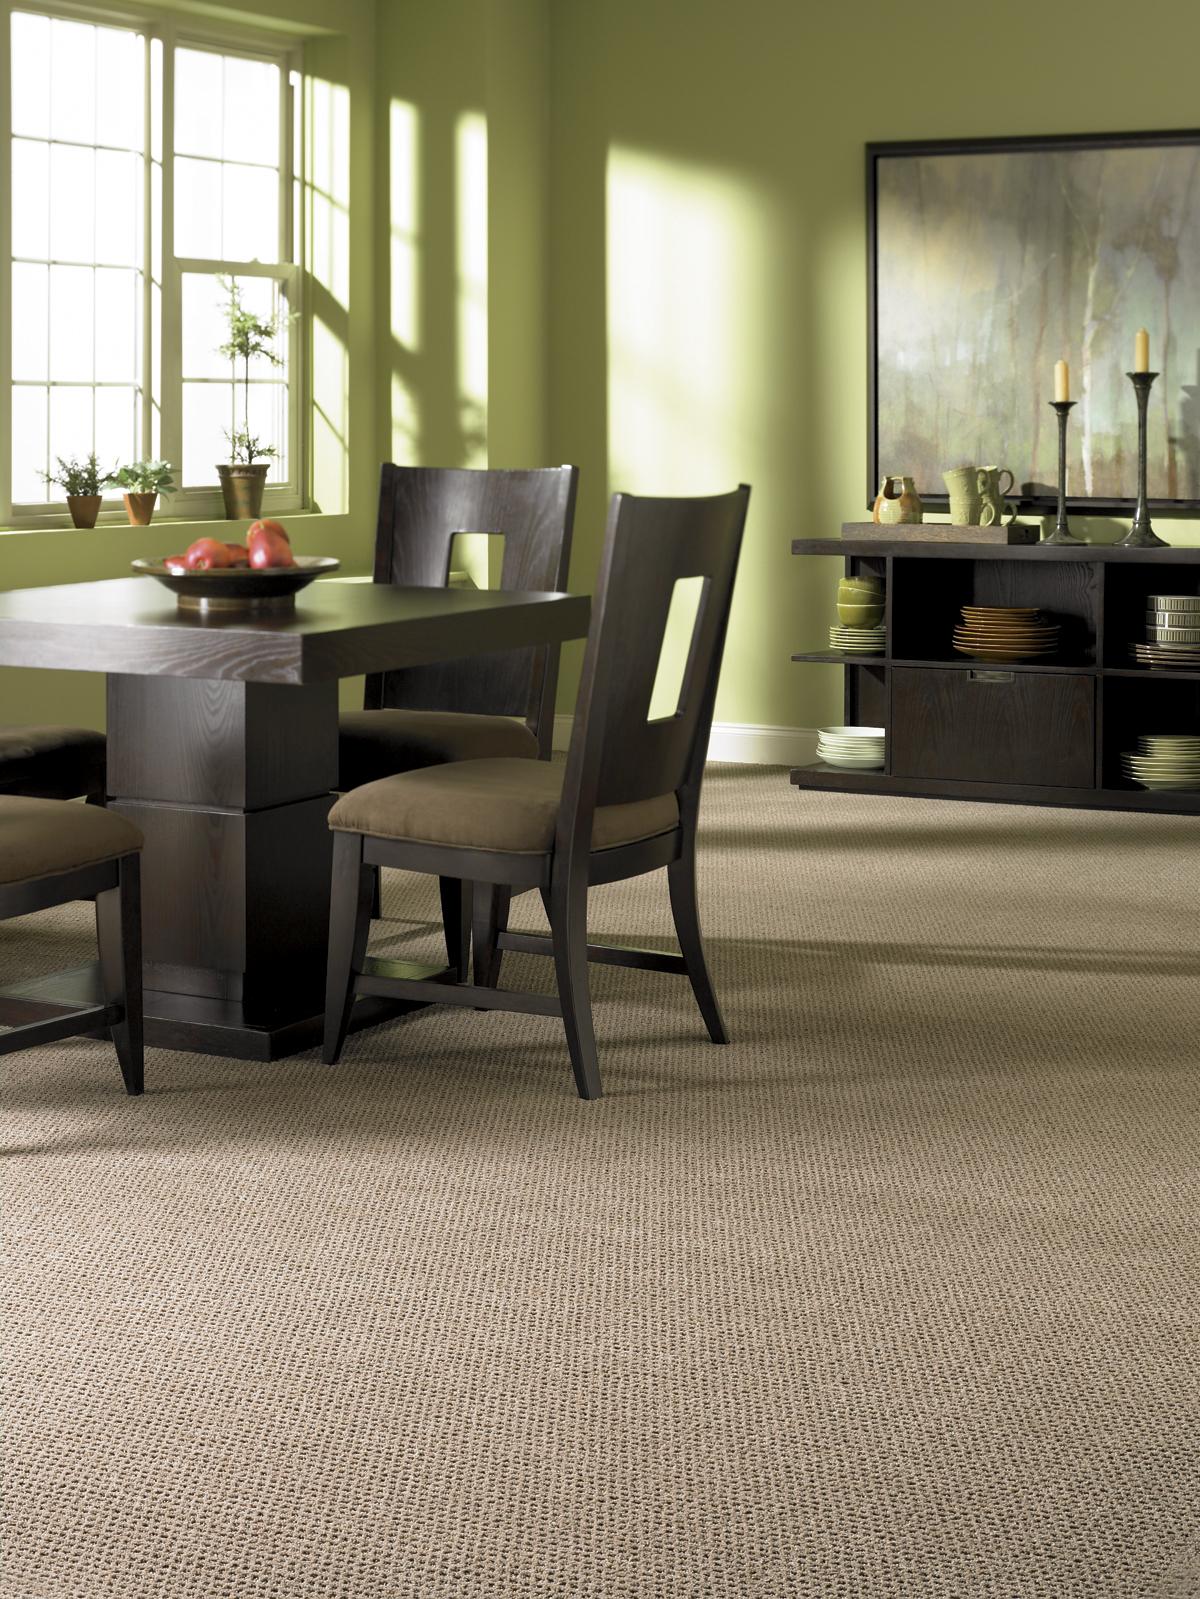 Dupont Smartstrand Carpet S Carpet Vidalondon